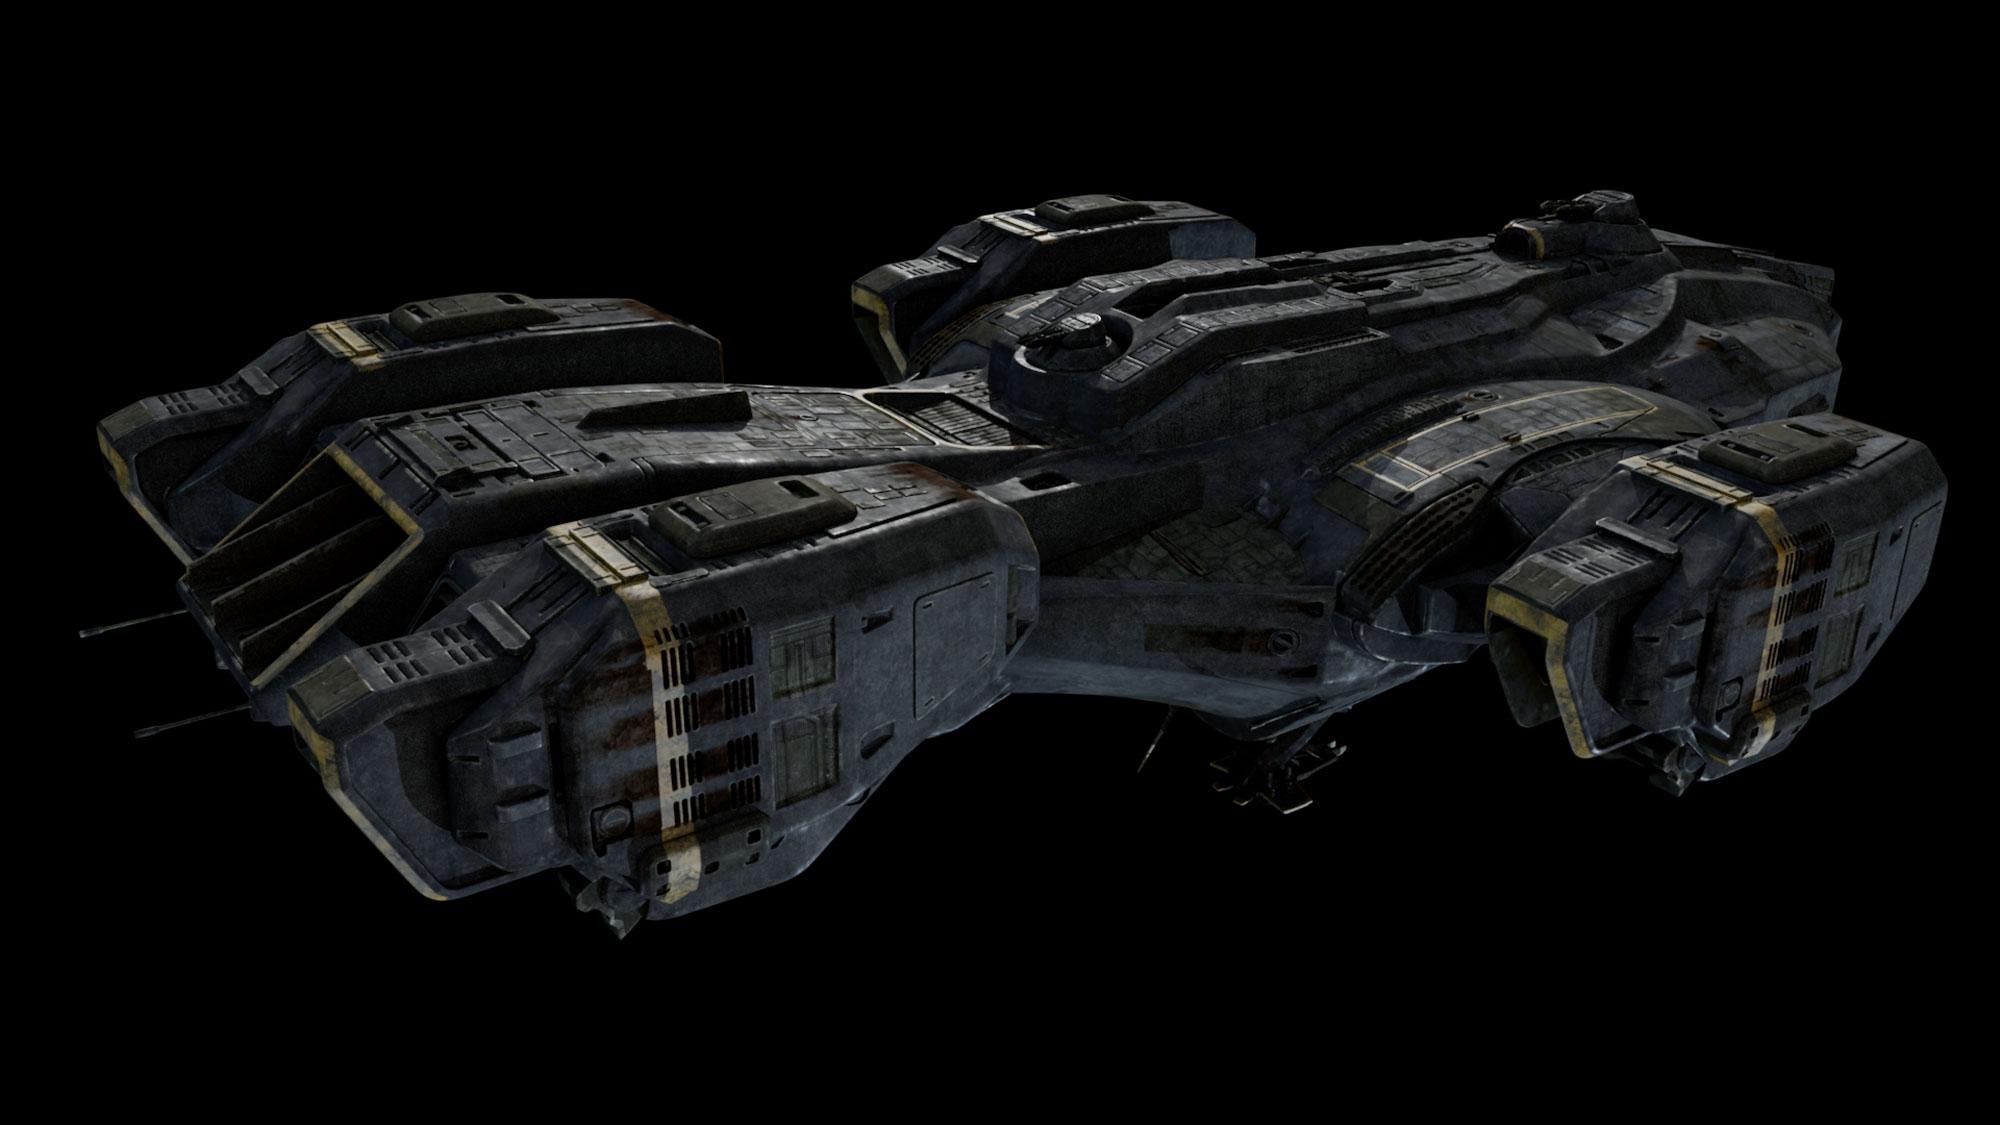 Taller de Encargos Oficial: Naves espaciales [Pide aquí tu nave espacial] - Página 4 Latest?cb=20150610014414